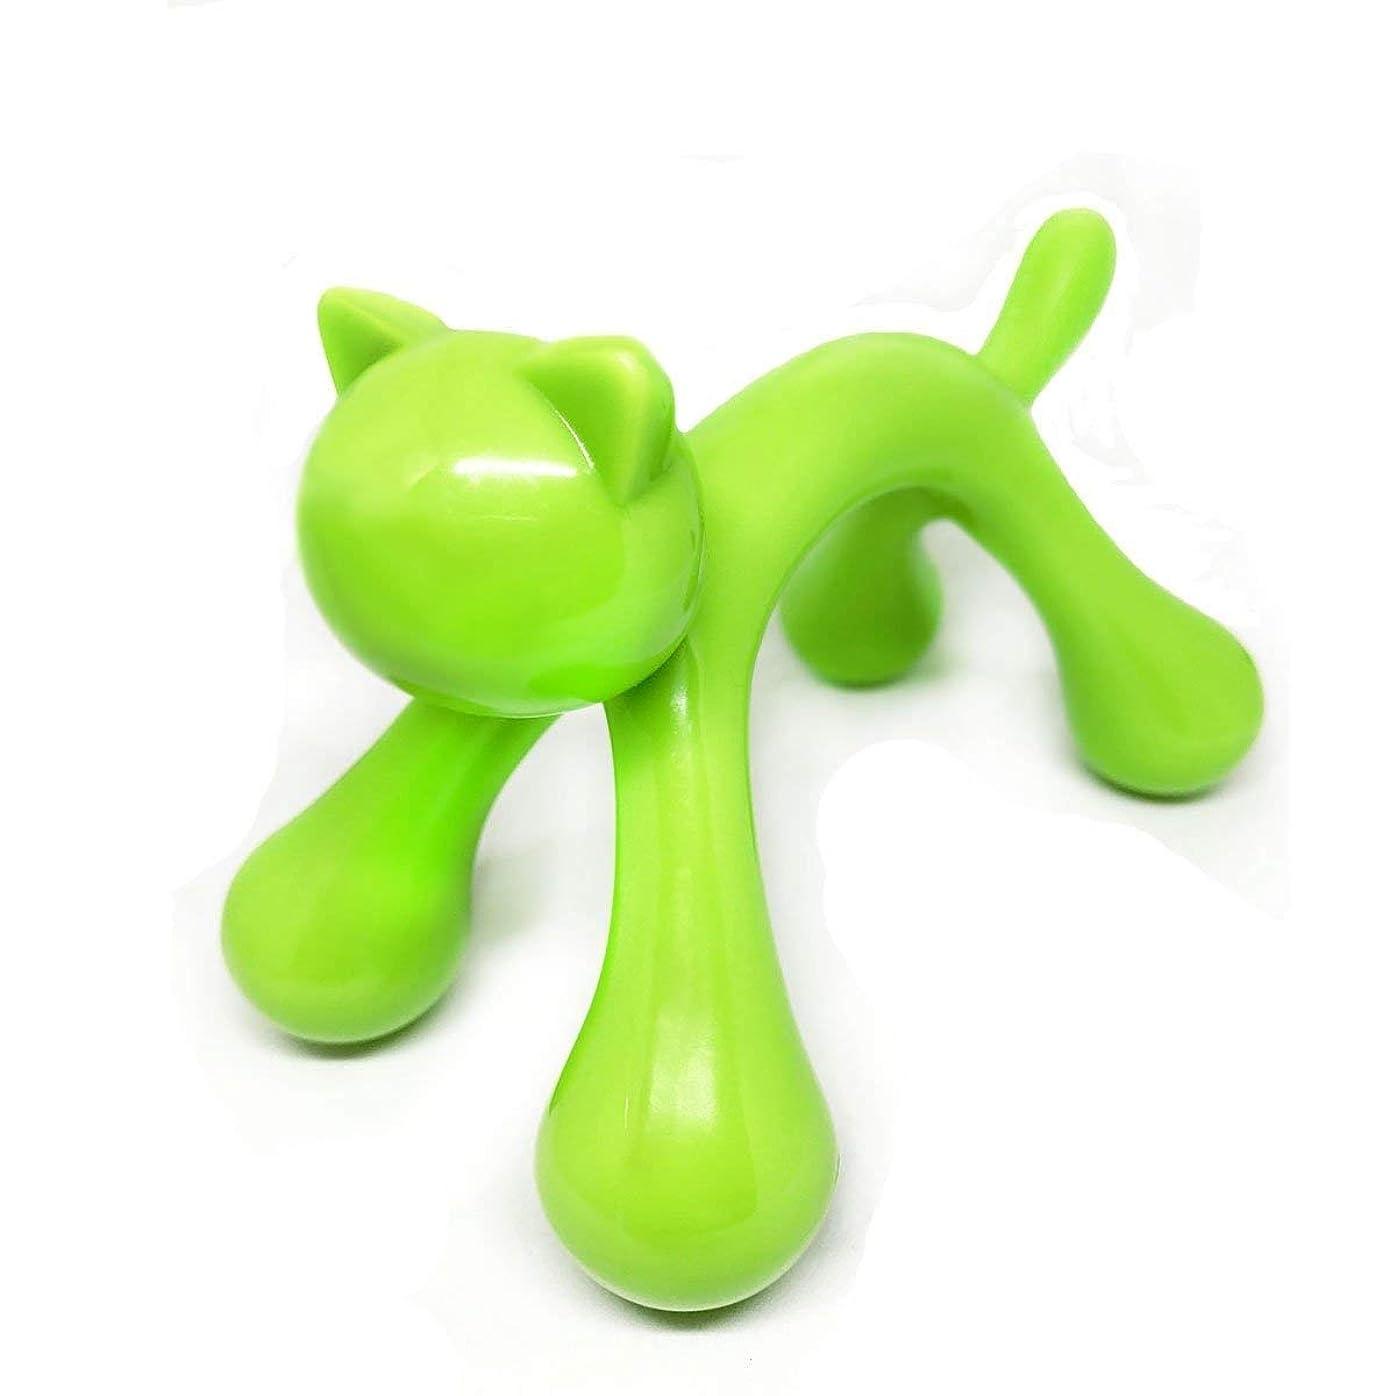 メジャー大声で貫通Simg マッサージ棒 ツボ押しマッサージ台 握りタイプ 背中 ウッド 疲労回復 ハンド 背中 首 肩こり解消 可愛いネコ型 (グリーン)